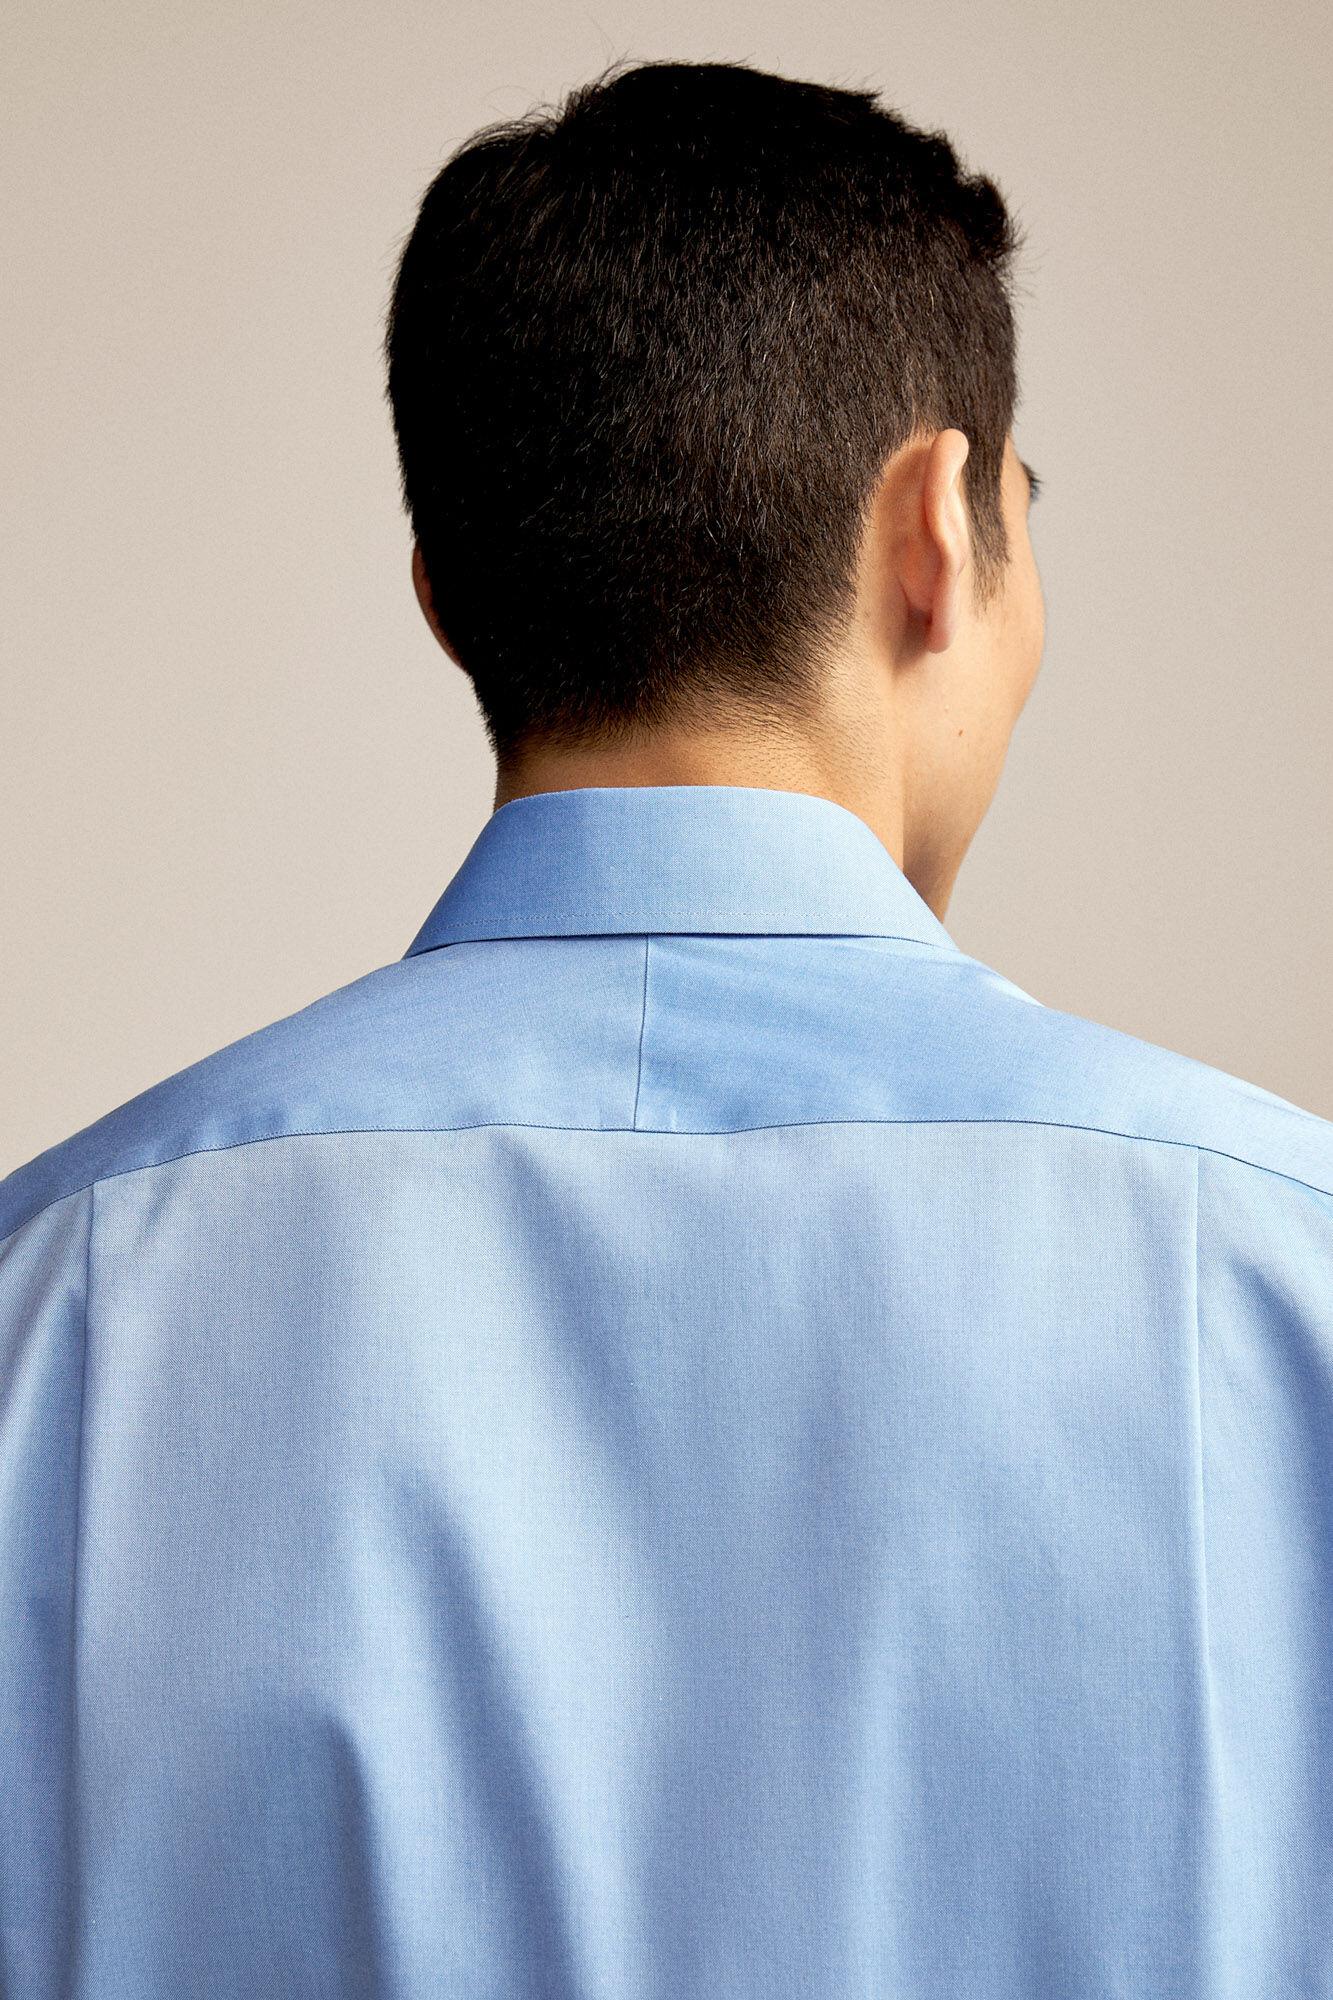 compras 100% de alta calidad zapatos genuinos Camisa vestir Tech-Non Iron | Camisas | Pedro del Hierro